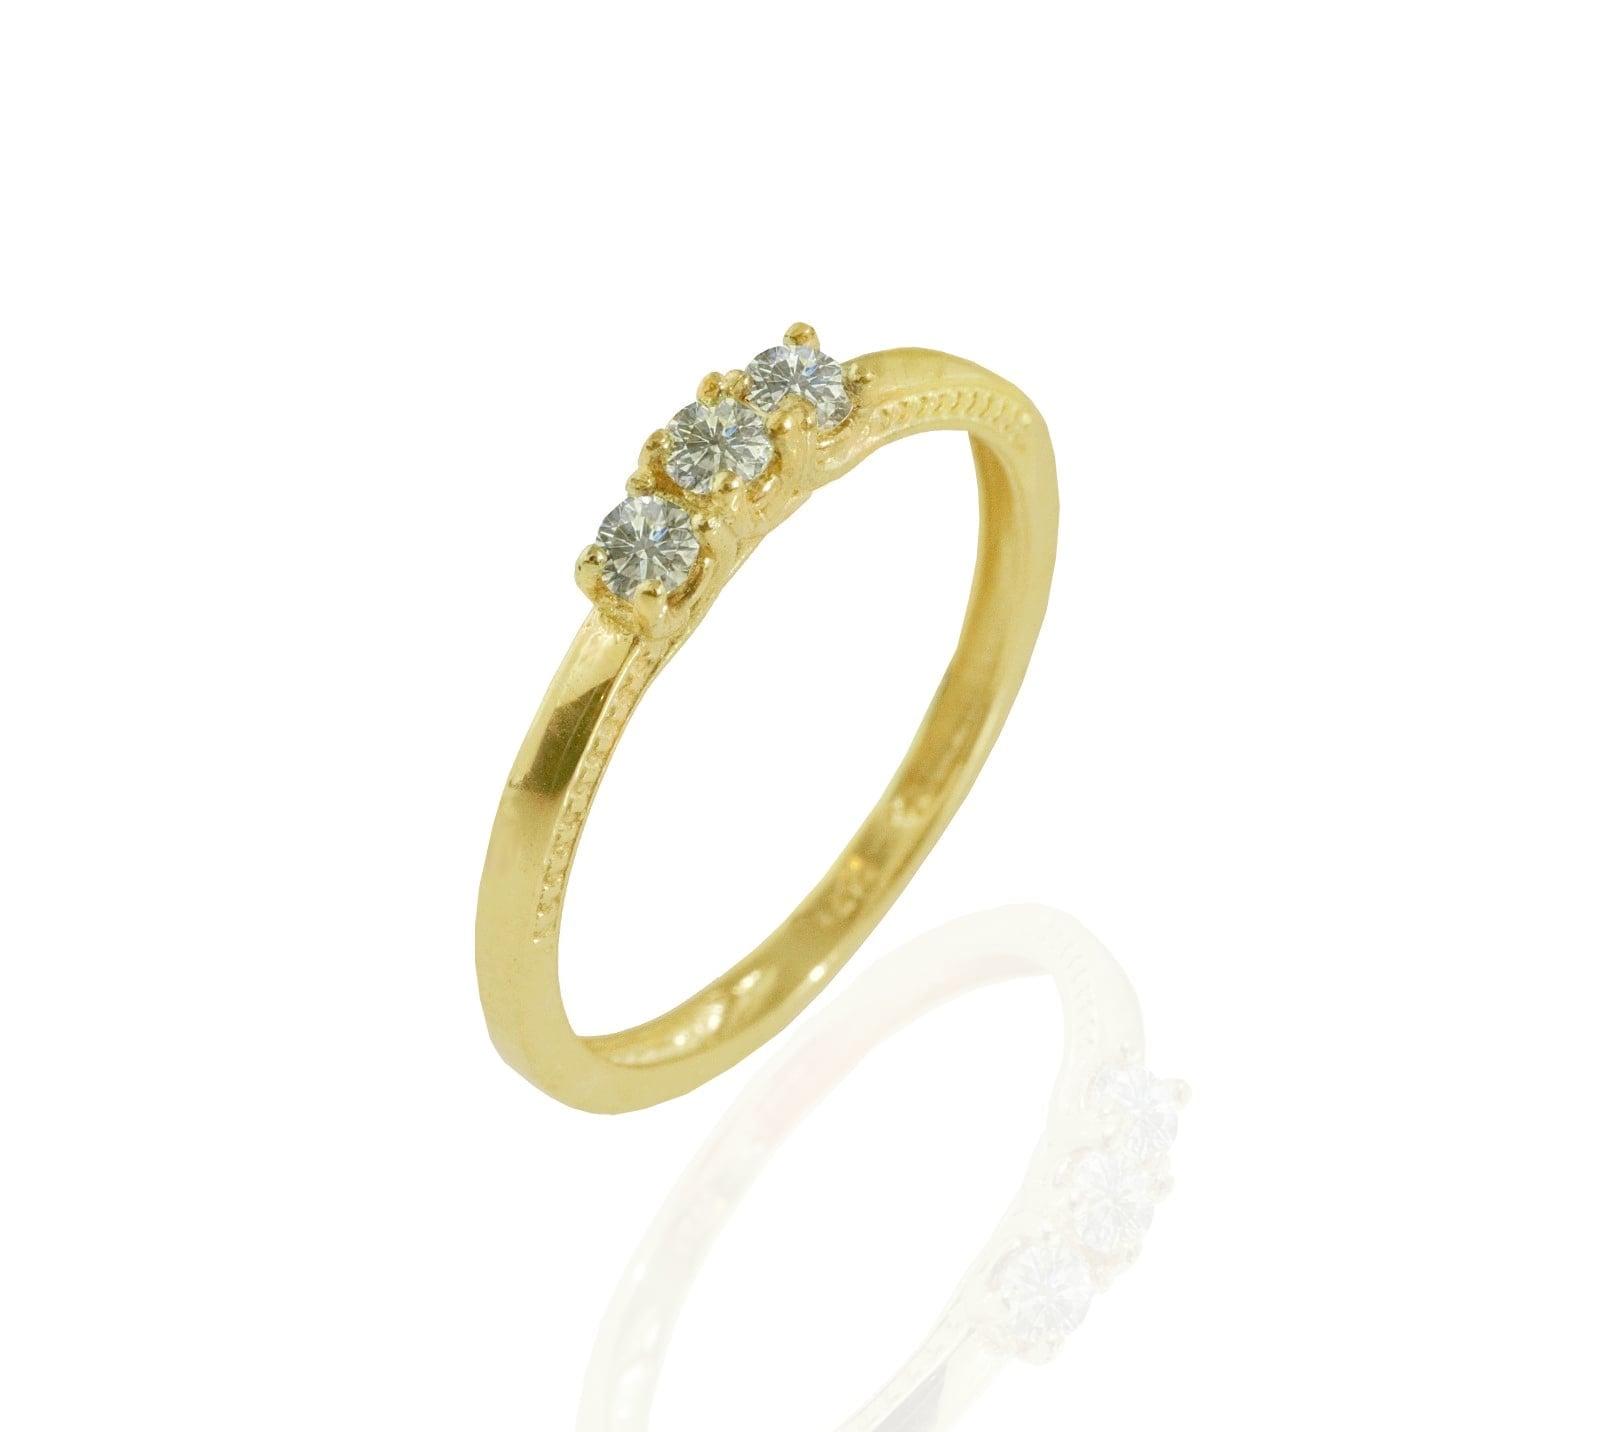 טבעת יהלומים │ טבעת שלוש יהלומים │ טבעת זהב משובצת יהלומים 0.33 קראט